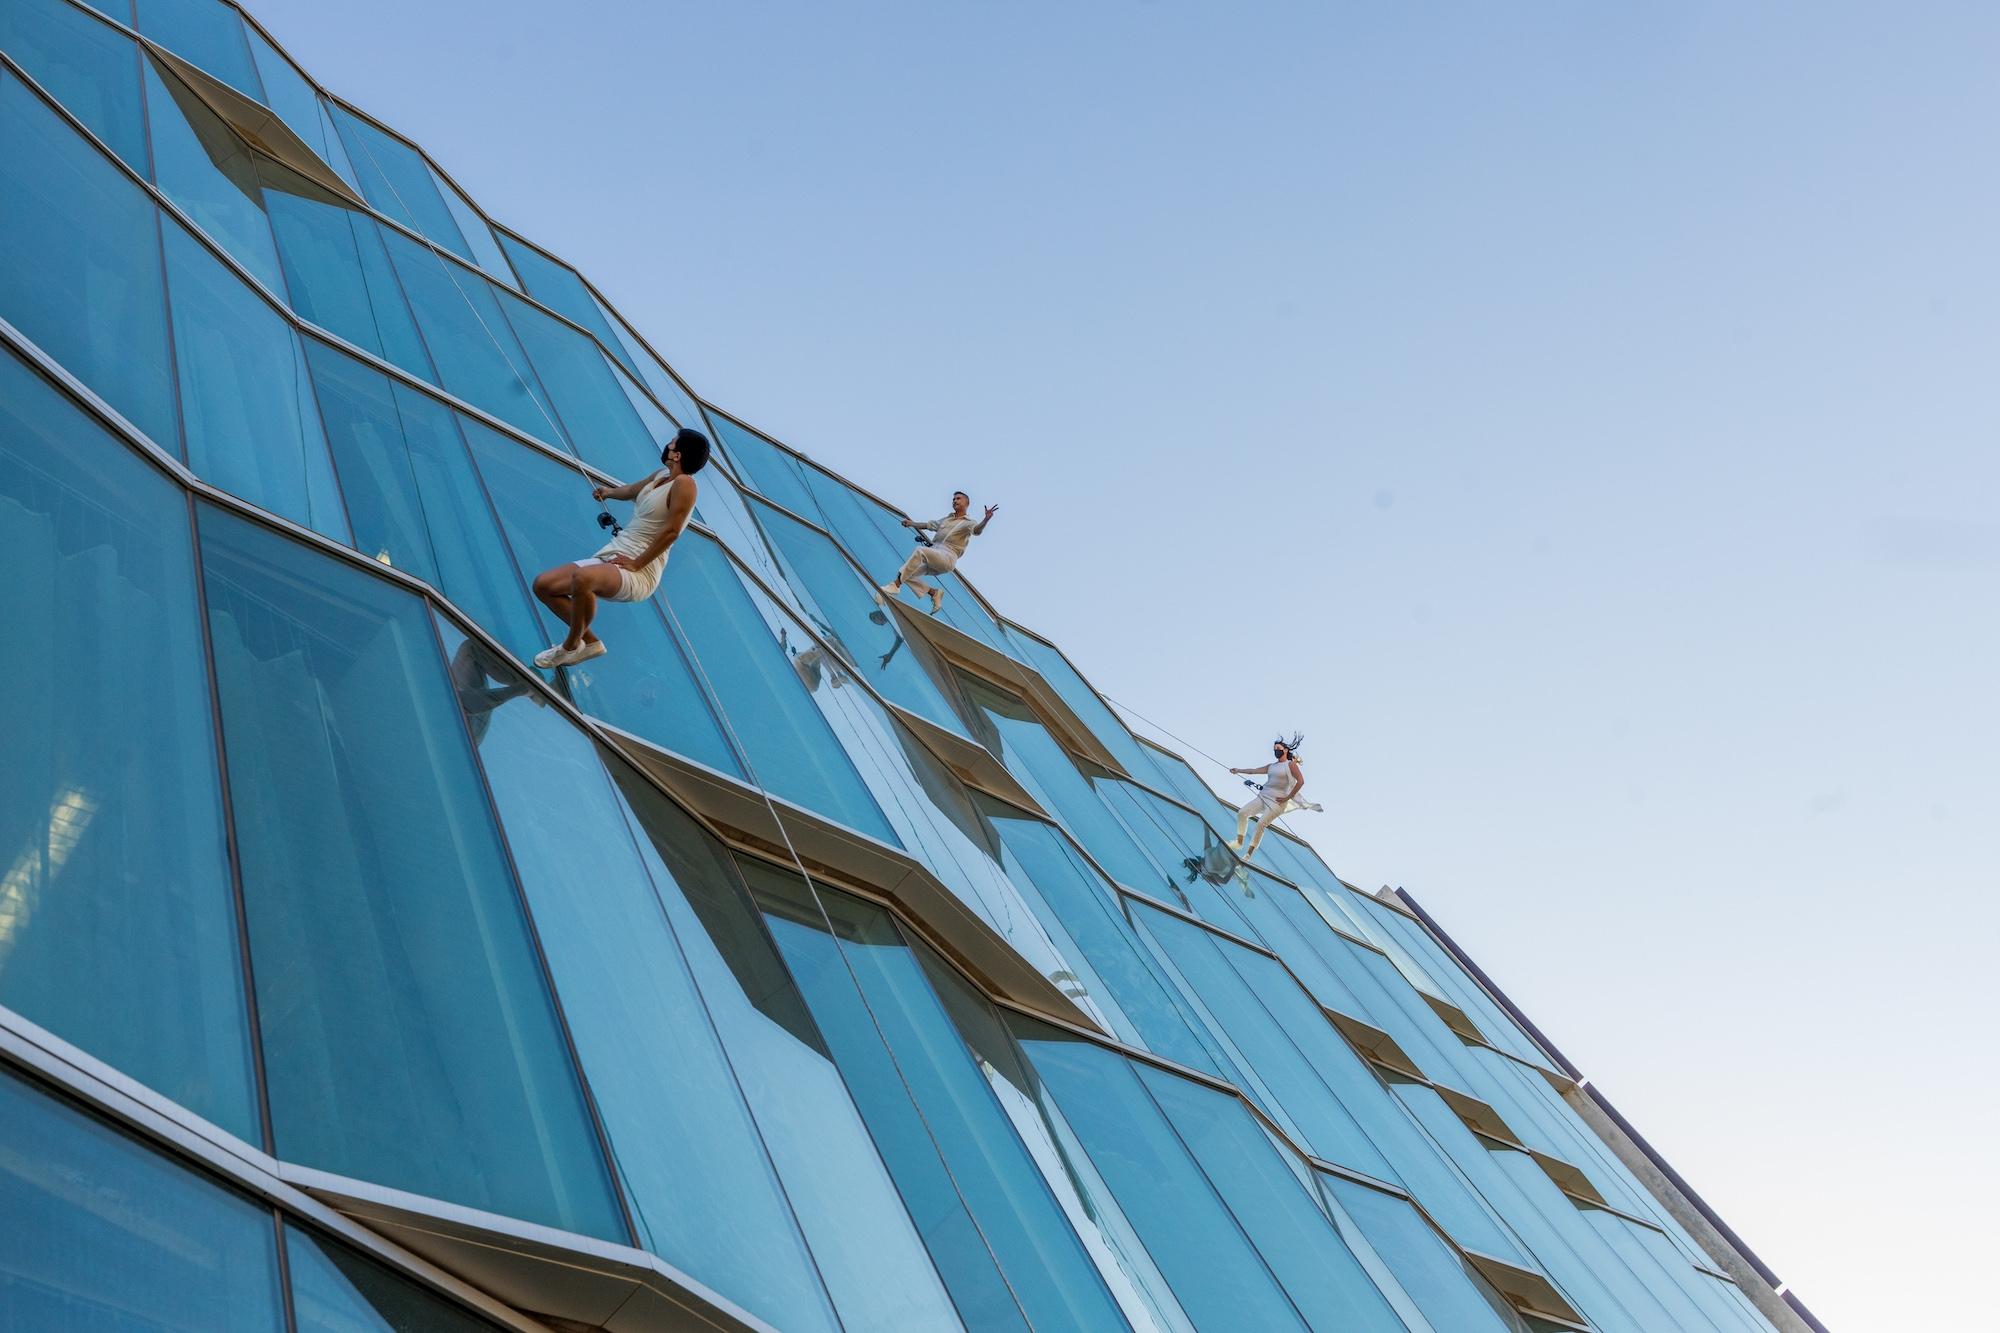 BANDALOOP vertical dancers